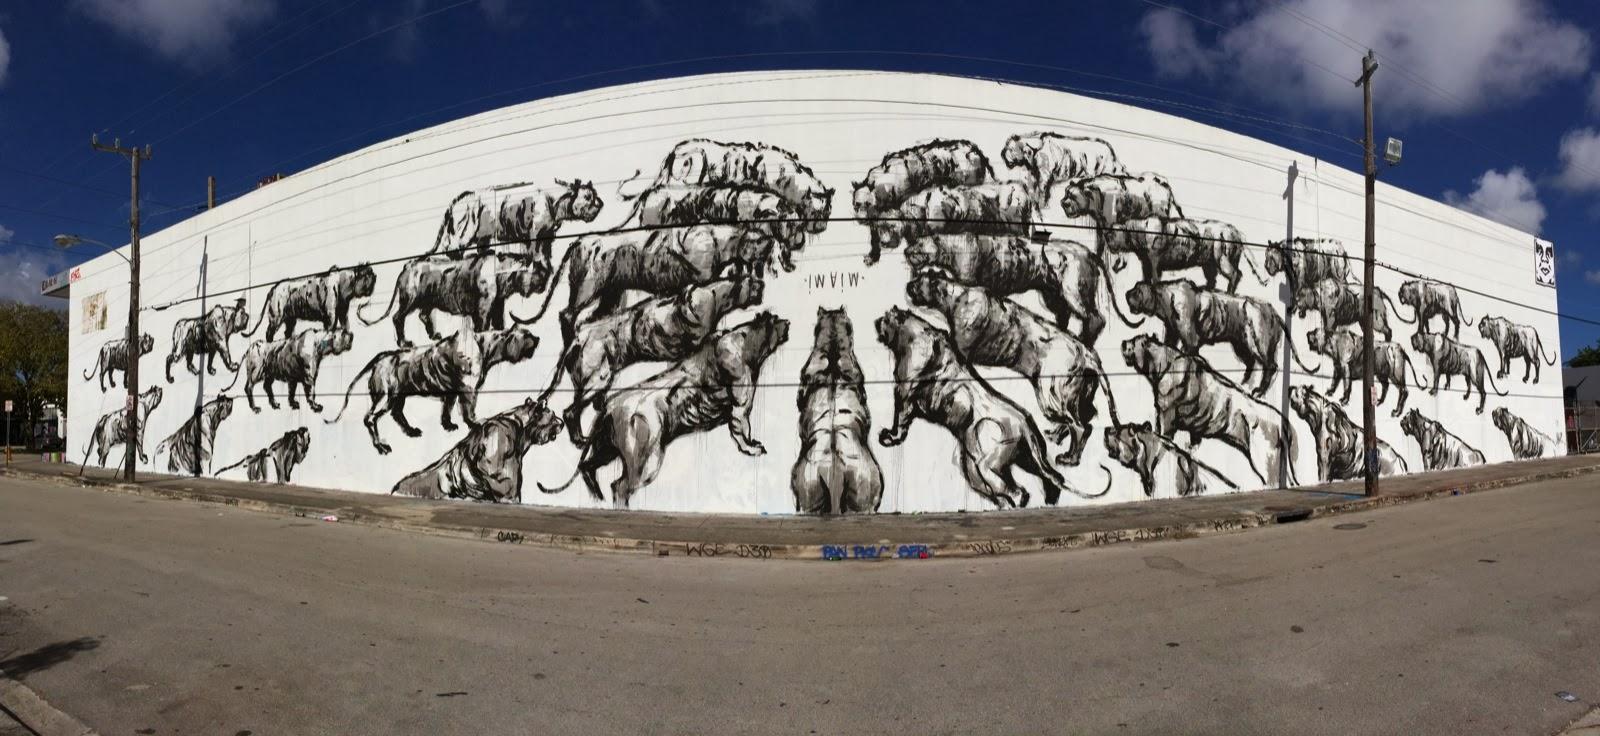 jaz-miami-new-mural-for-art-basel-2013-01